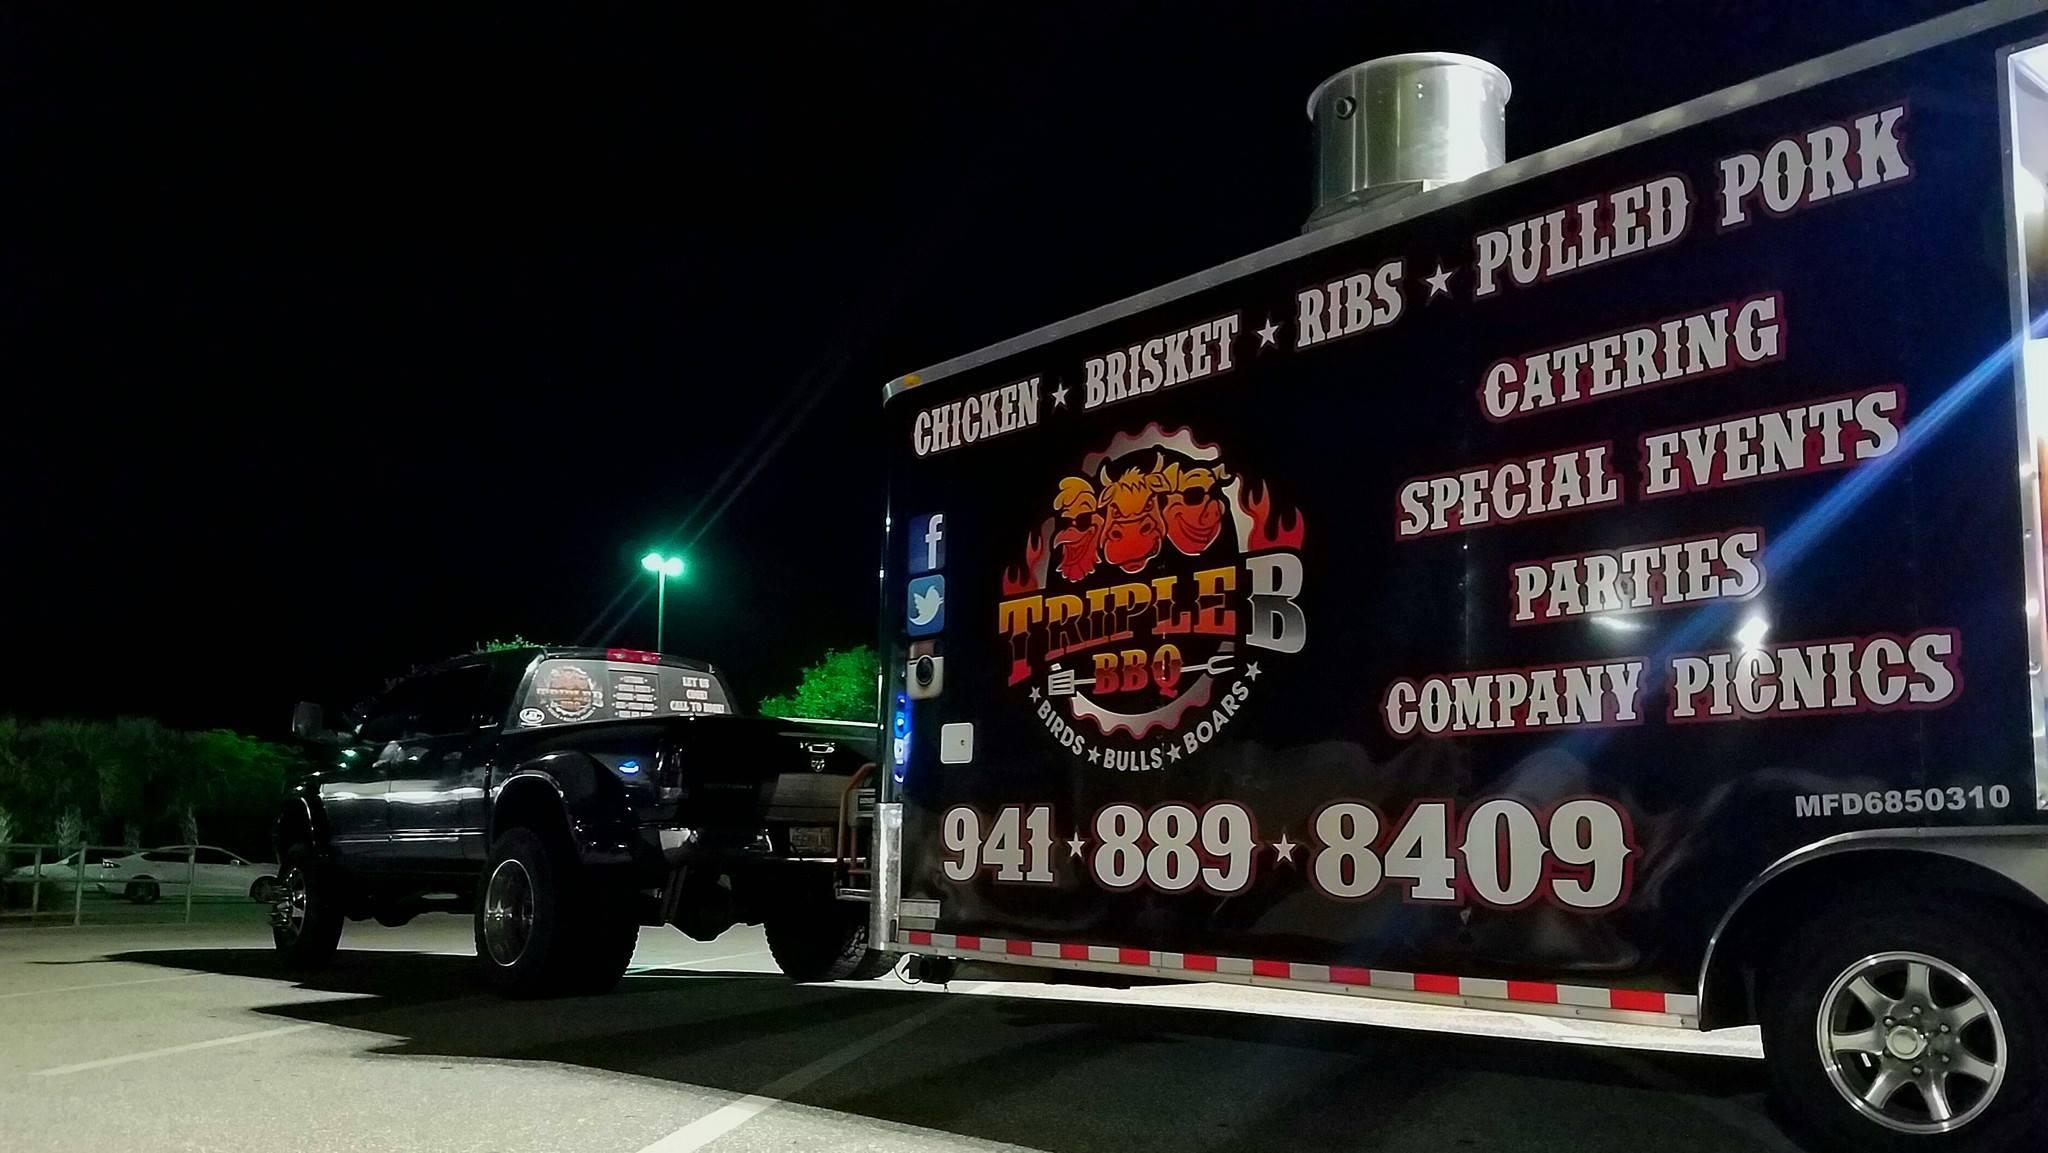 Triple B BBQ Food Truck